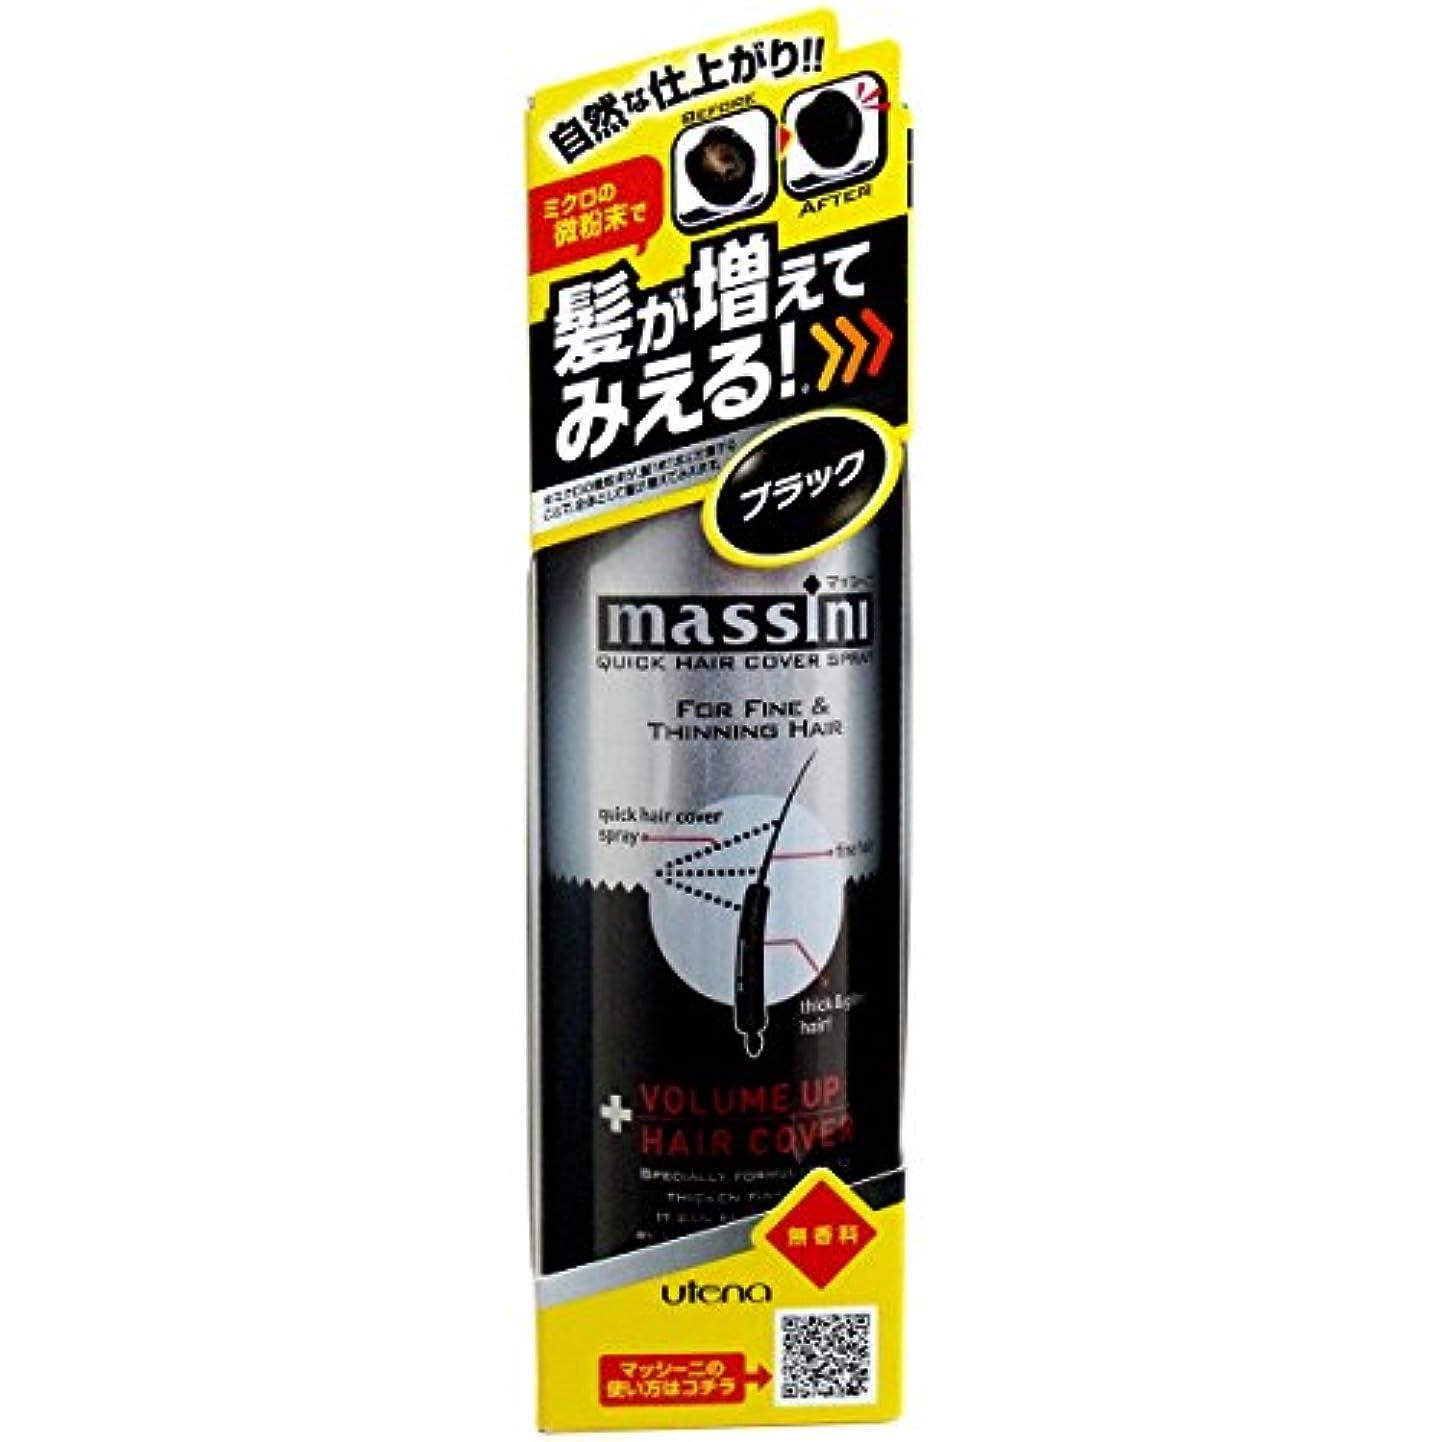 癒す香ばしい吸収【ウテナ】マッシーニ クィックヘアカバースプレー(ブラック) 140g ×5個セット